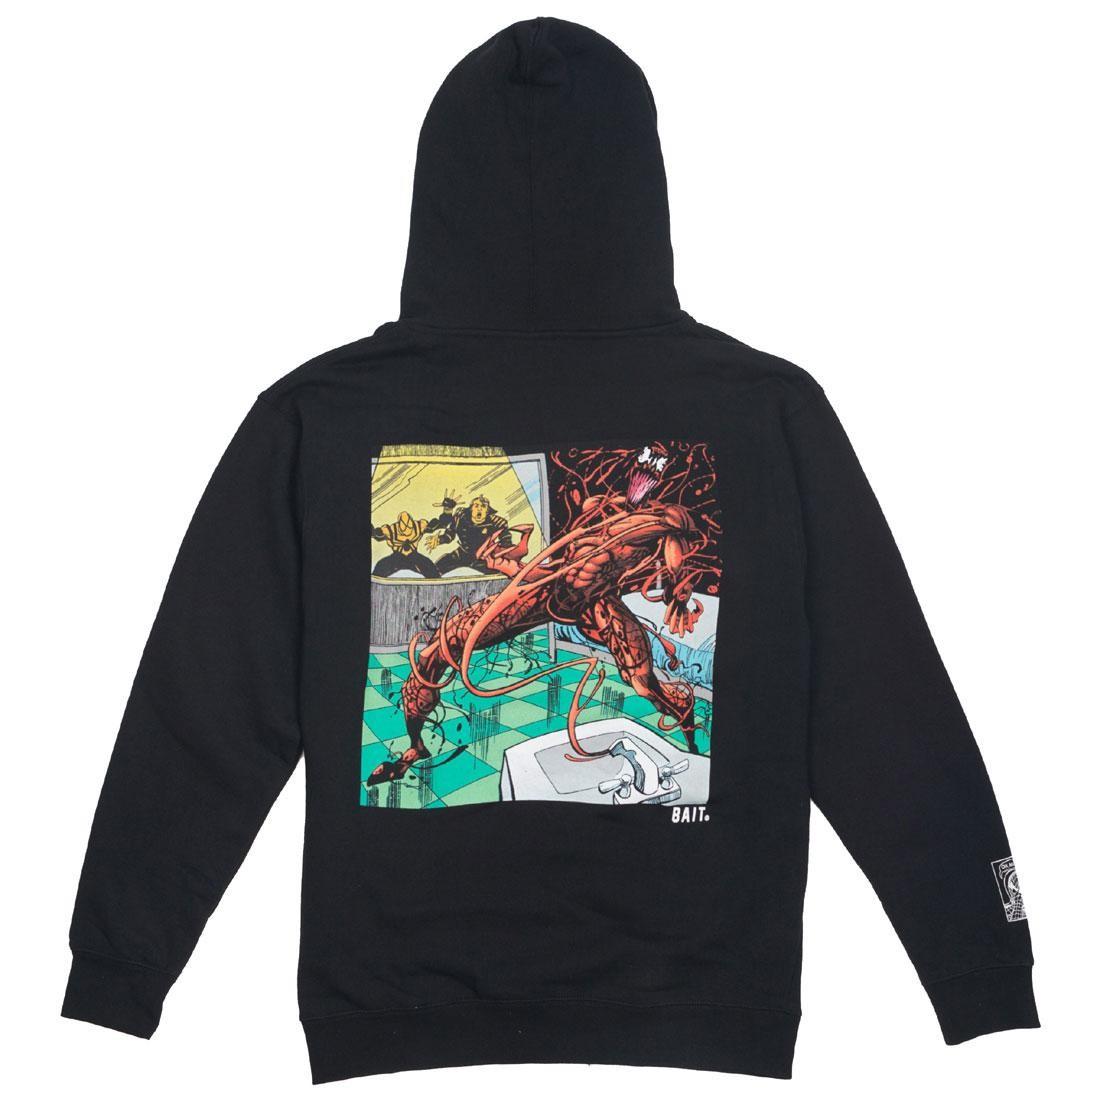 【海外限定】ロゴ フーディー パーカー メンズファッション 【 BAIT X MARVEL MEN CARNAGE LOGO HOODY BLACK 】